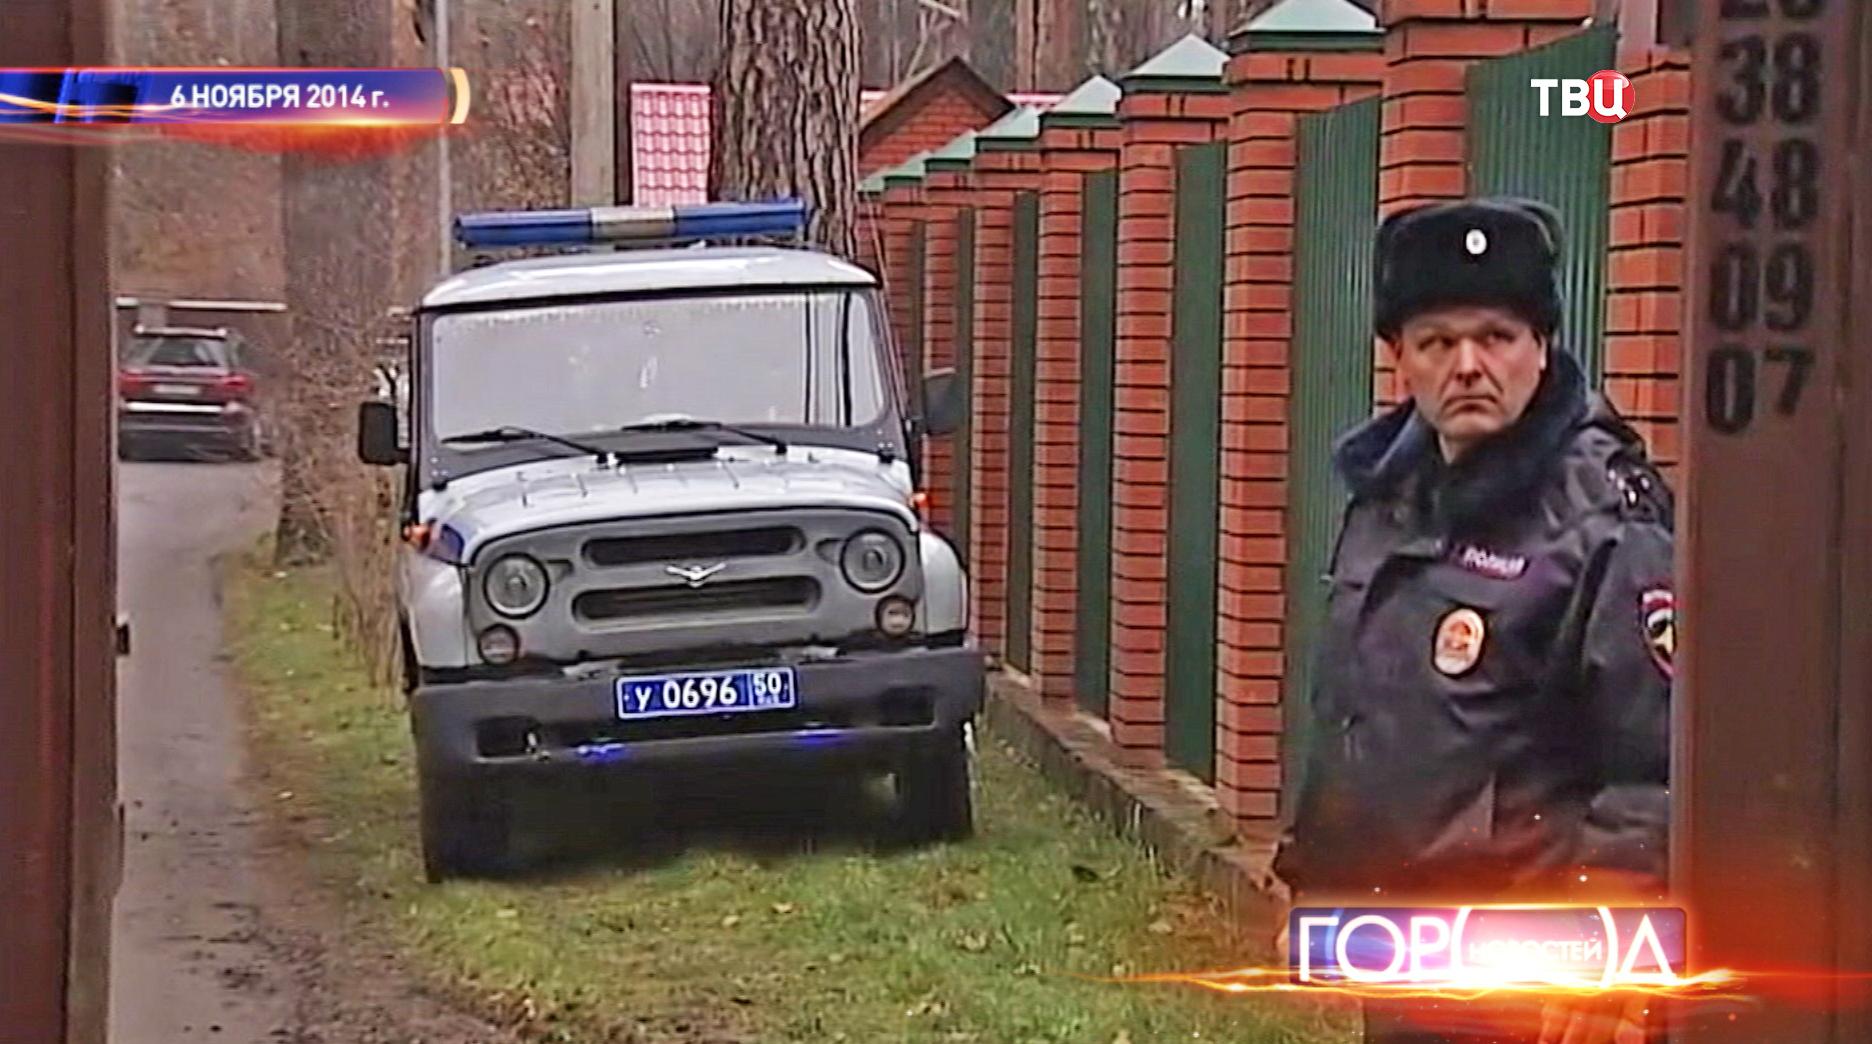 Полиция в поселке Удельная Раменского района, где скрывались члены банды